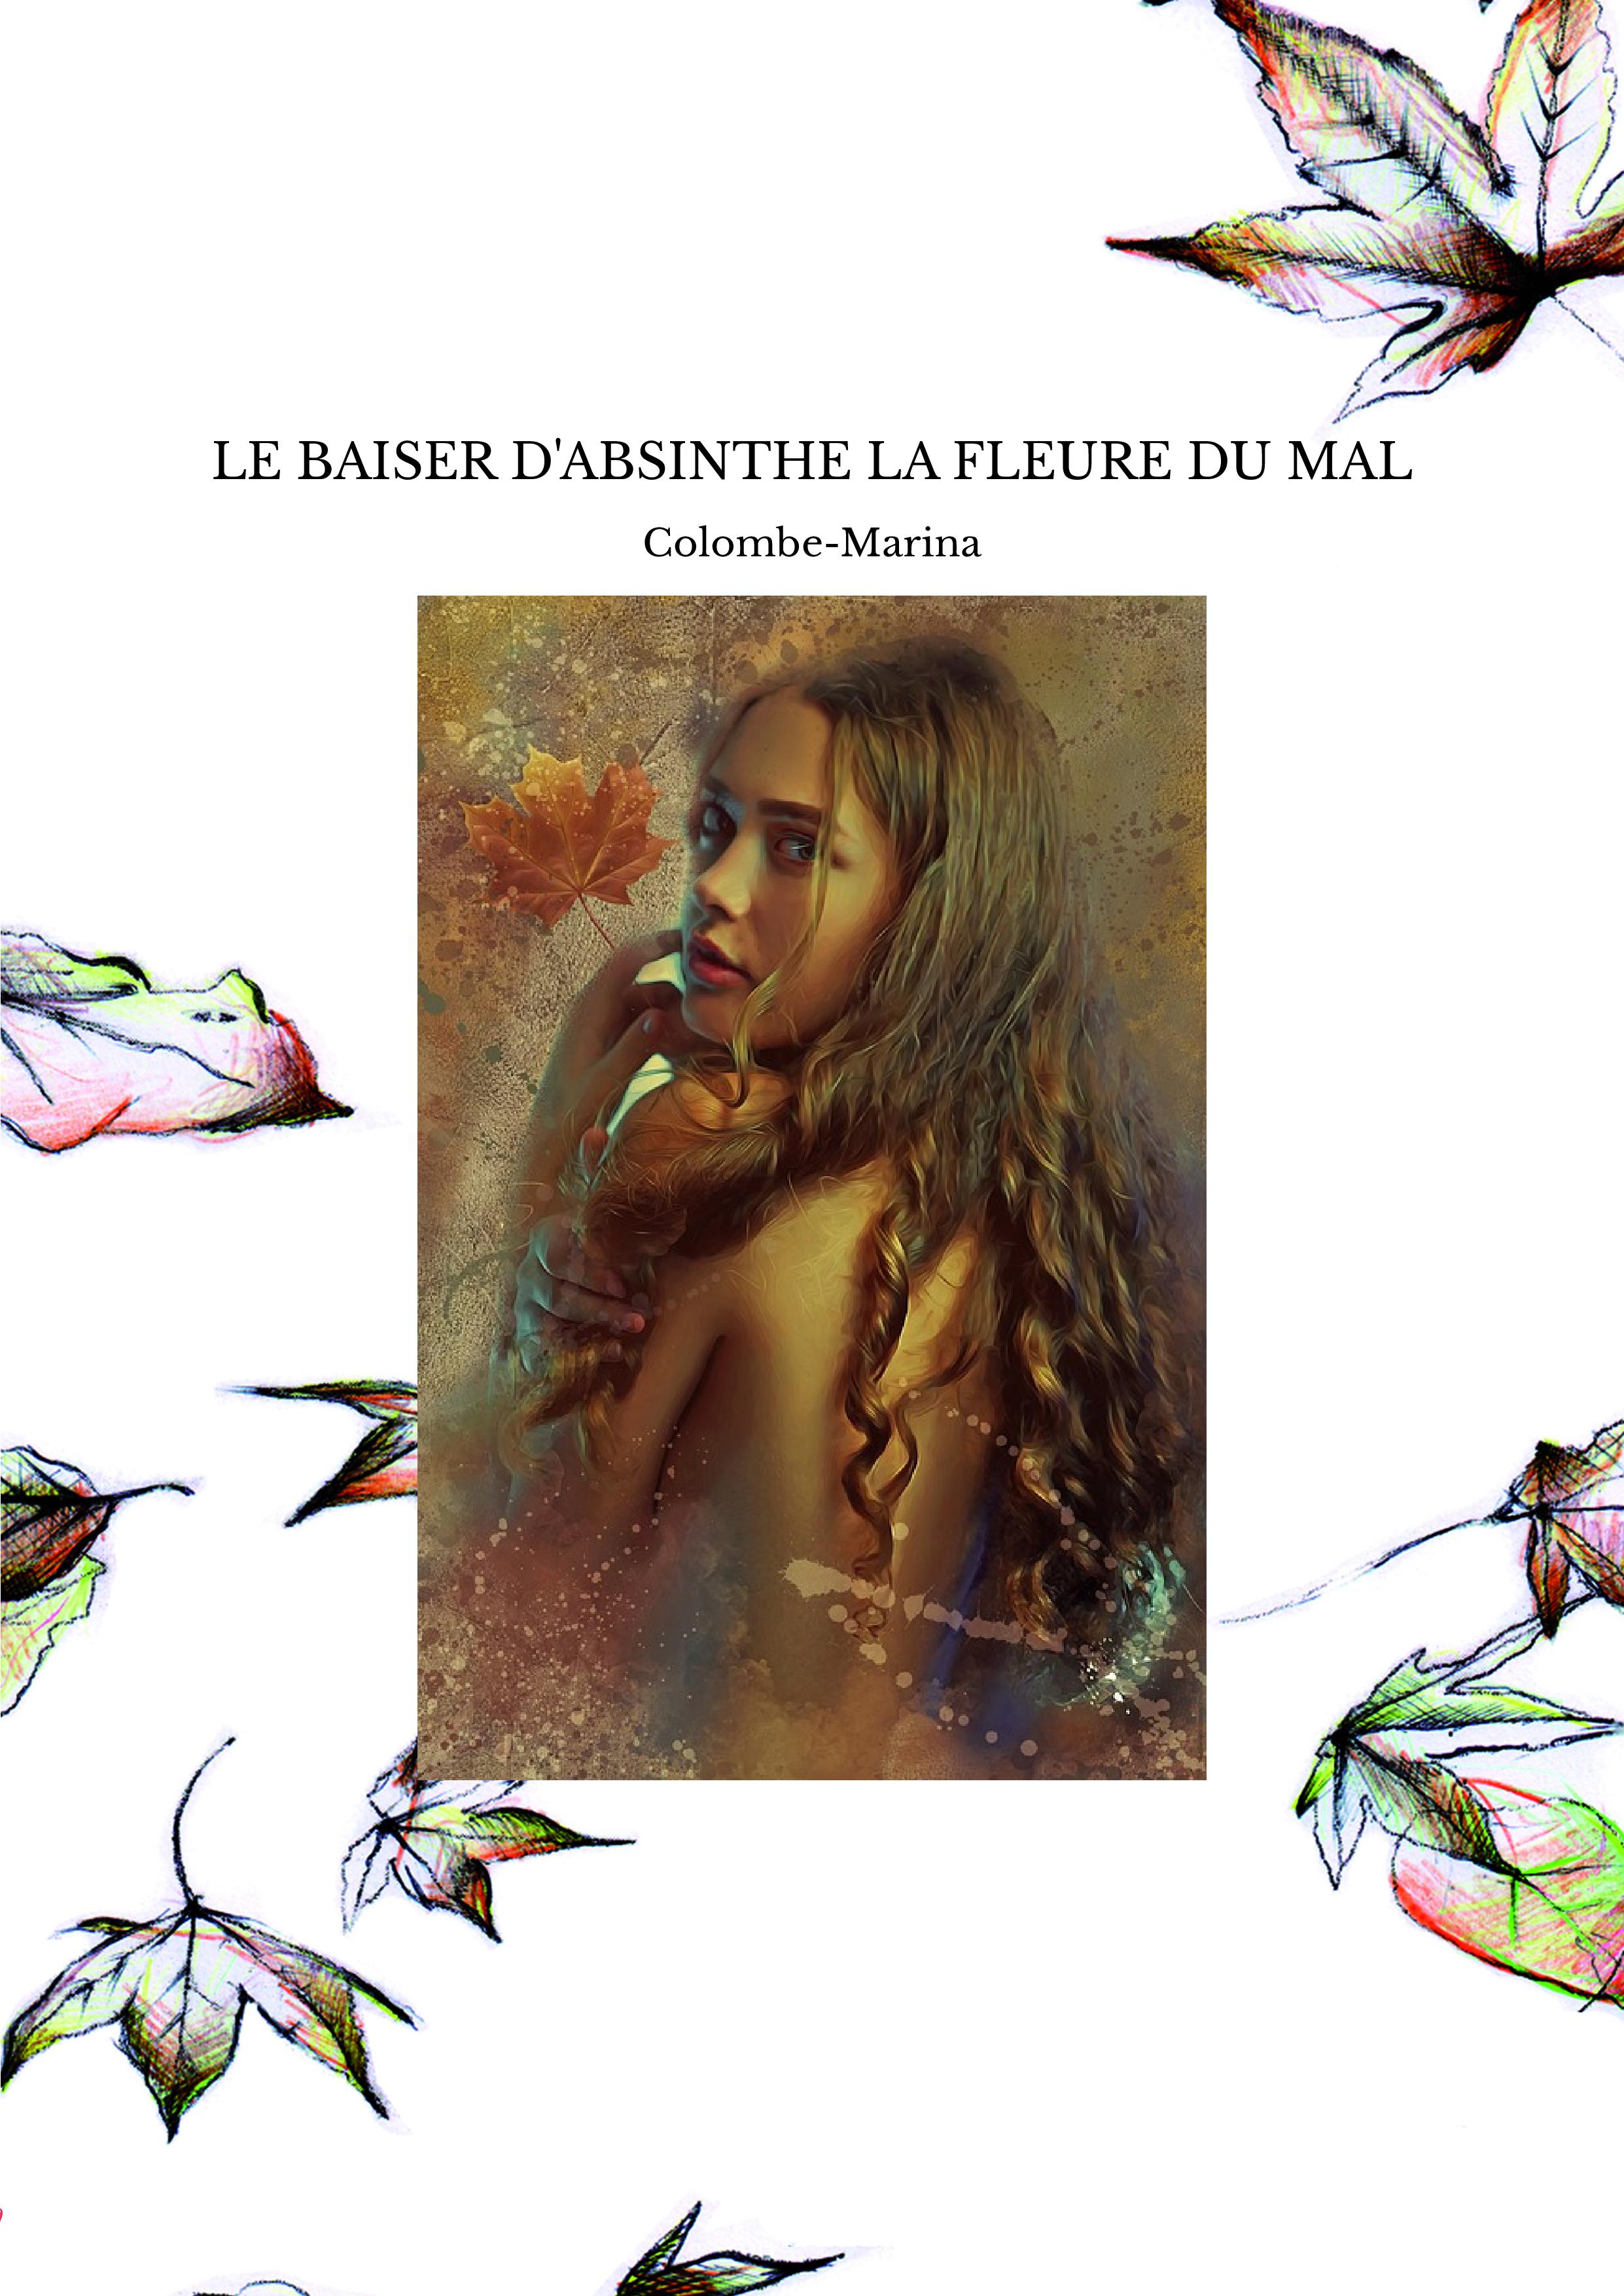 LE BAISER D'ABSINTHE LA FLEURE DU MAL